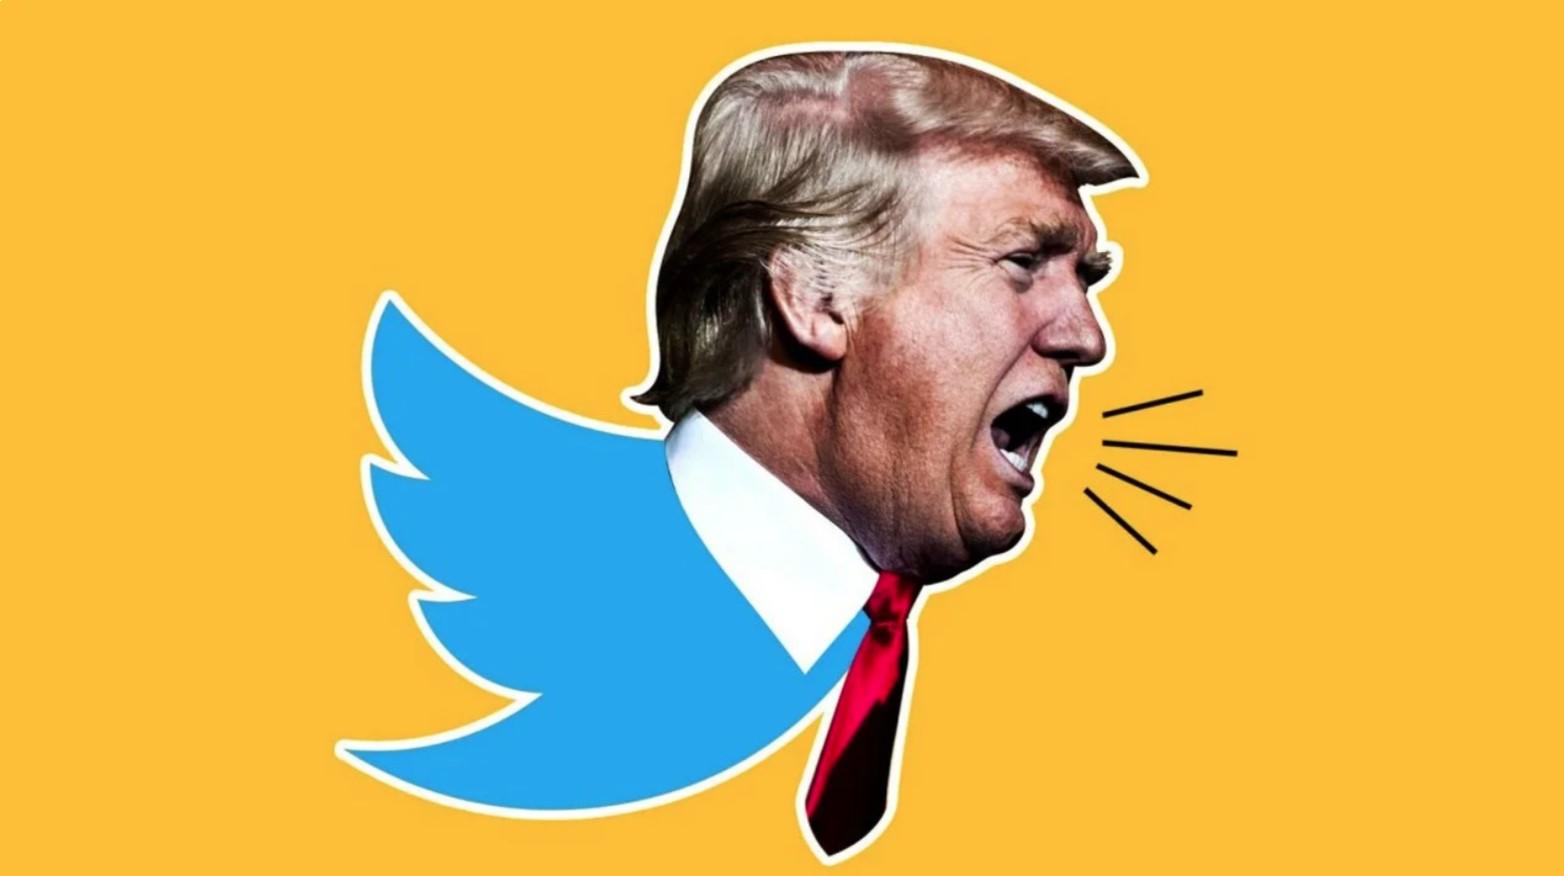 Президент США Дональд Трамп, решил бороться с интернет-цензурой